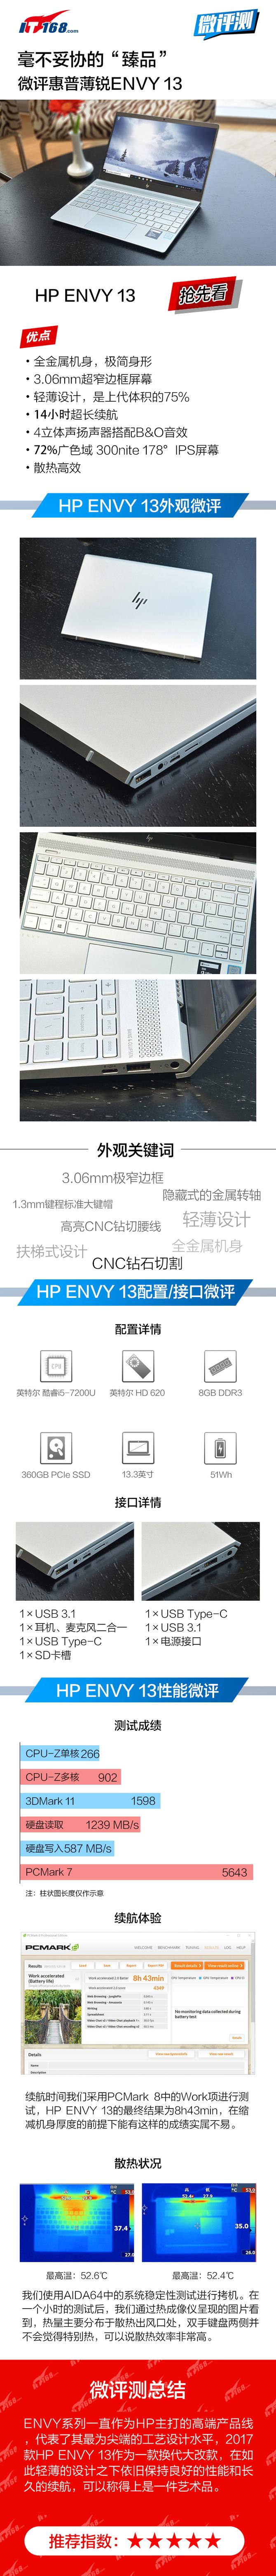 """毫不妥协的""""臻品""""微评HP ENVY 13"""